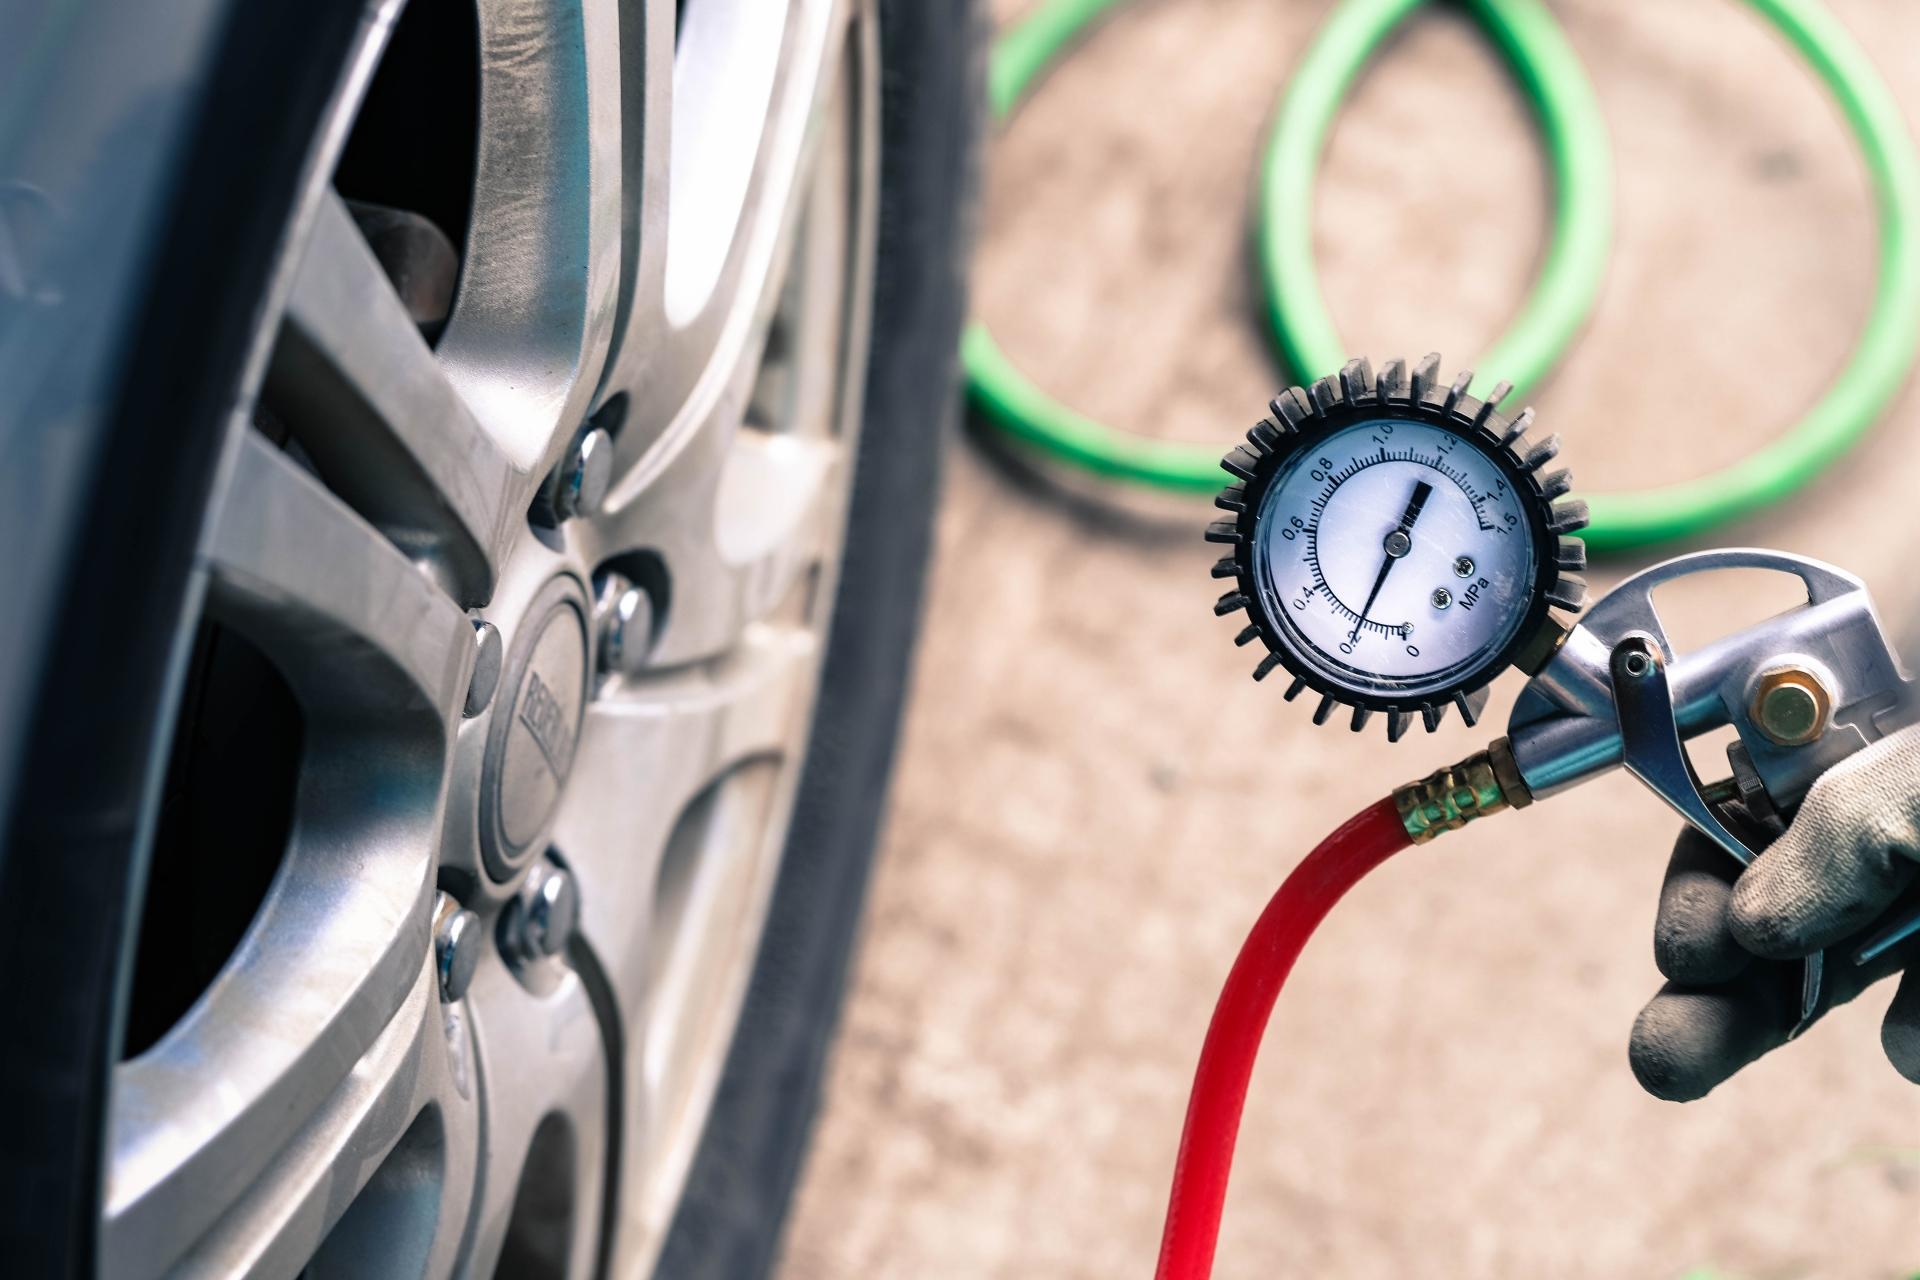 タイヤの空気圧の点検はどこでするの?チェックする頻度と期間はいつ頃?